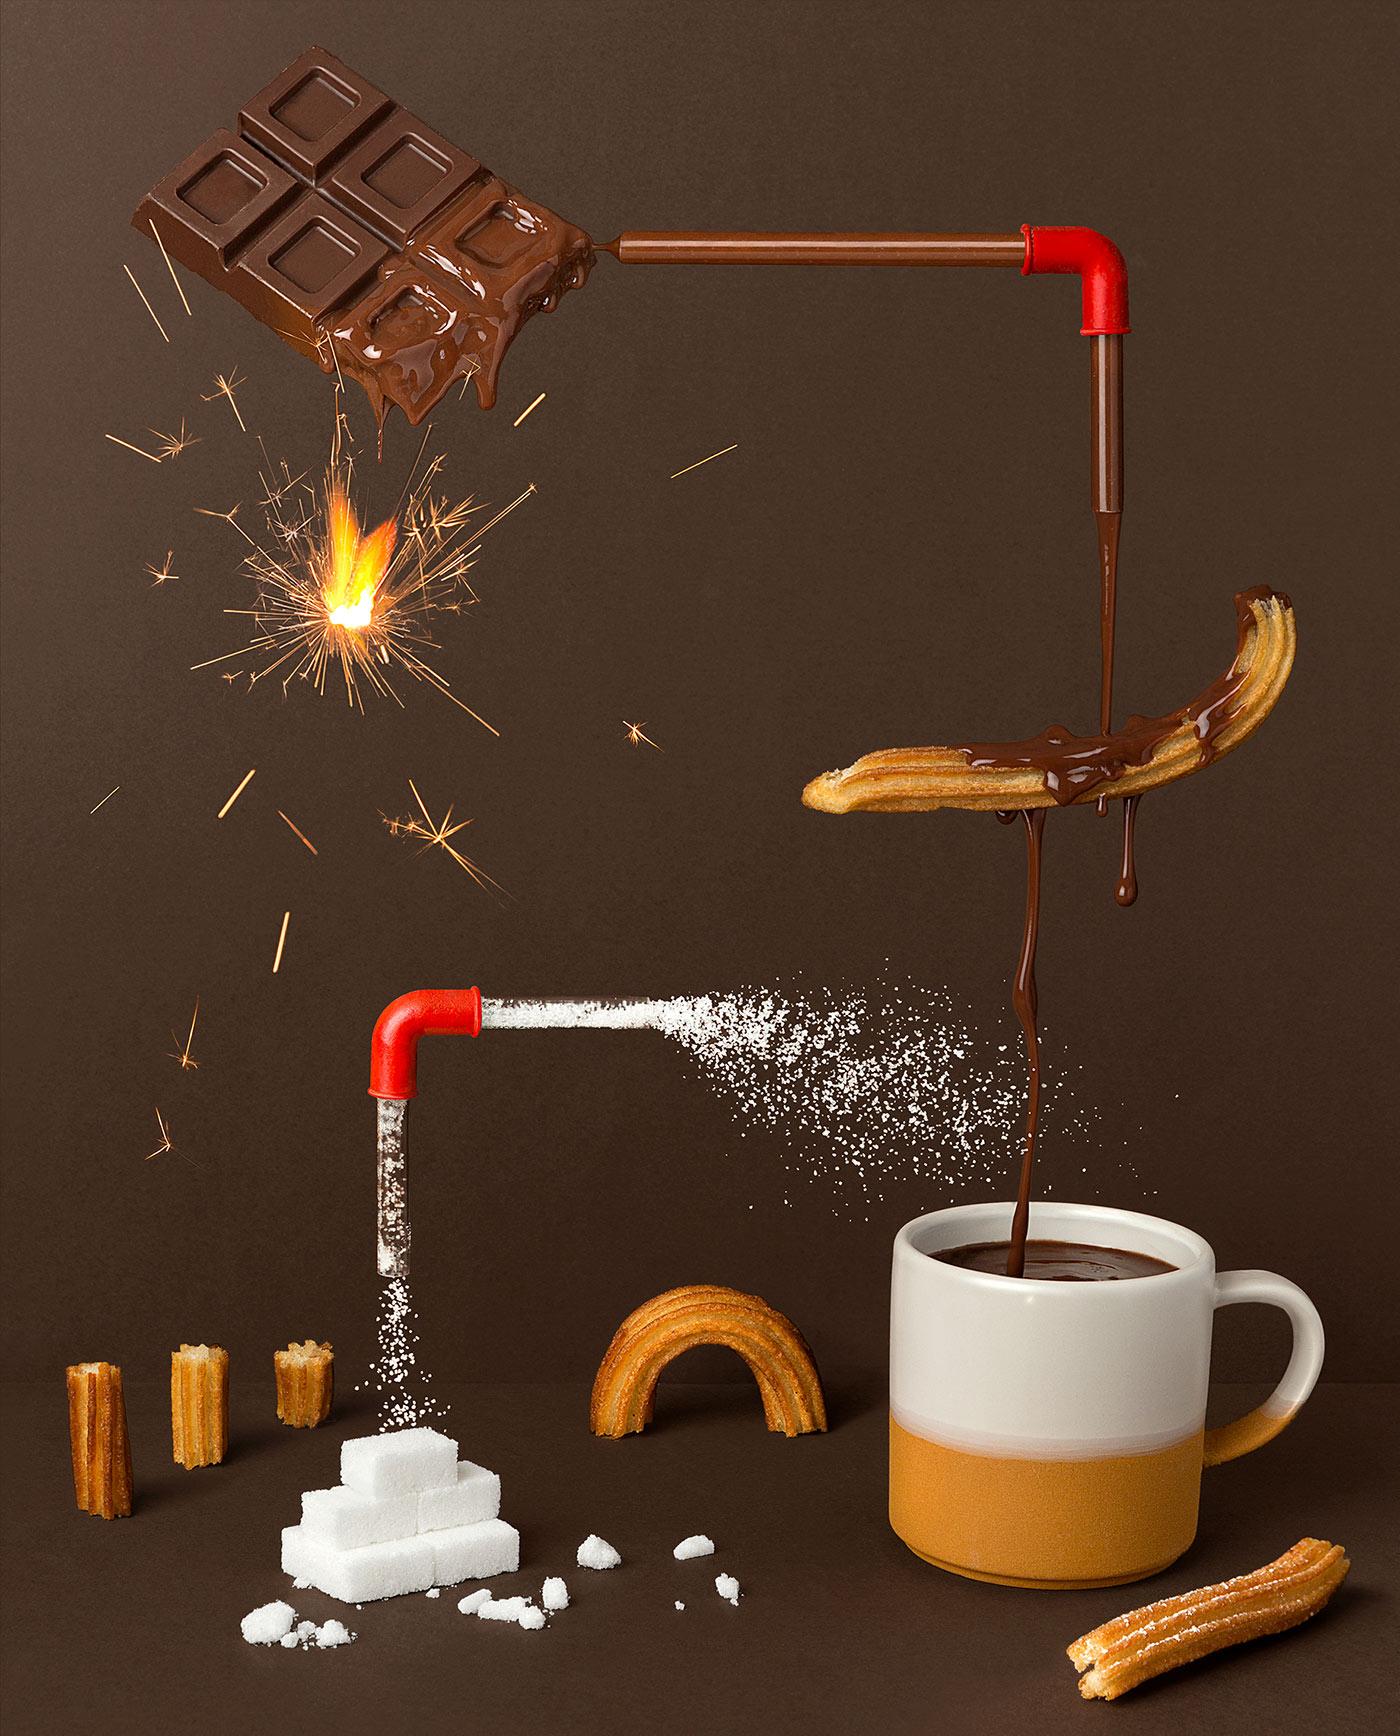 Conducción de chocolate a la taza - Fotografía conceptual para minería - Condukmin